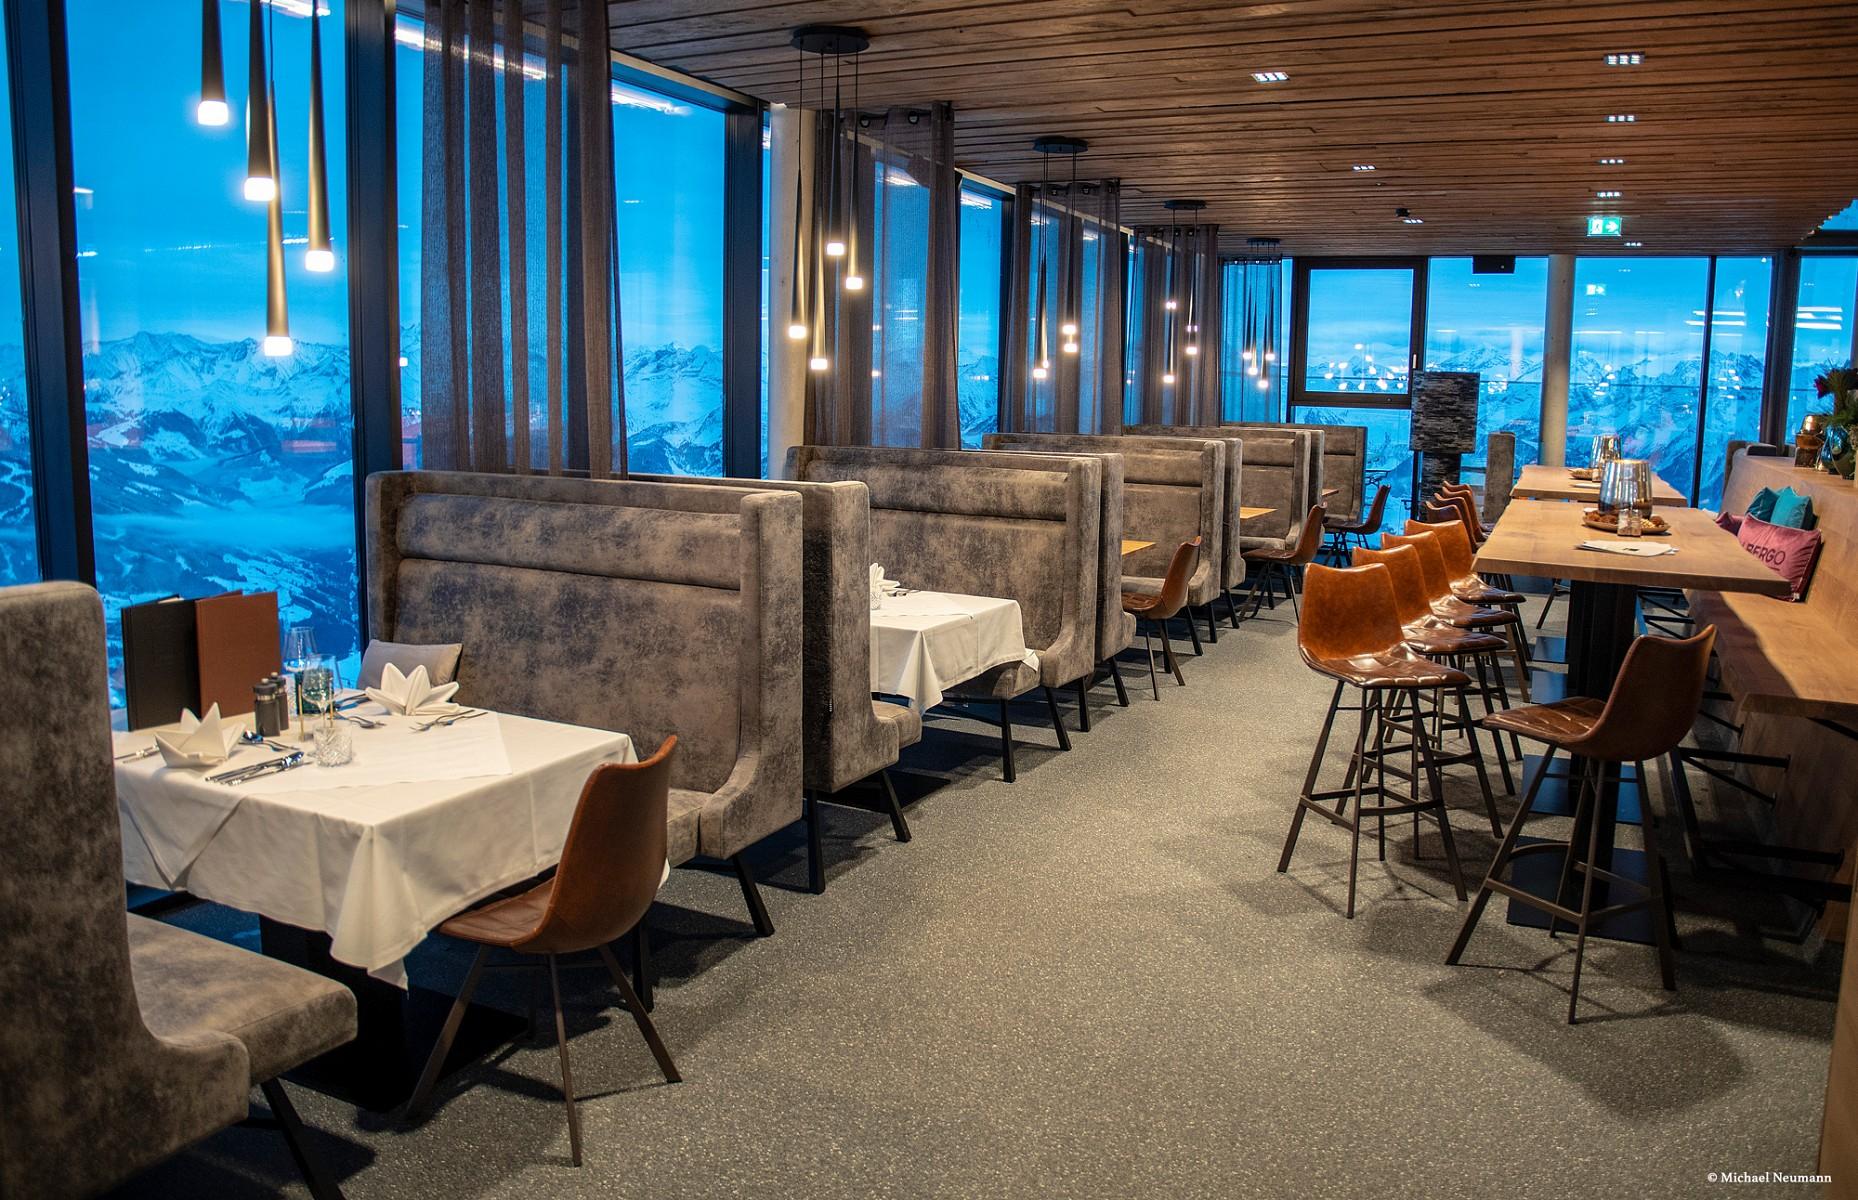 pDolce-Vita-im-Skigebiet-DasnbspPanoramarestaurant-bildet-den-Startpunkt-des-Winter-AlpinsteigsnbspWer-sich-vor-oder-nach-der-Tournbspstaumlrken-moumlchte-findet-im-Albergo-kulinarische-Highlights-angelehnt-an-italienische-Klassikerp